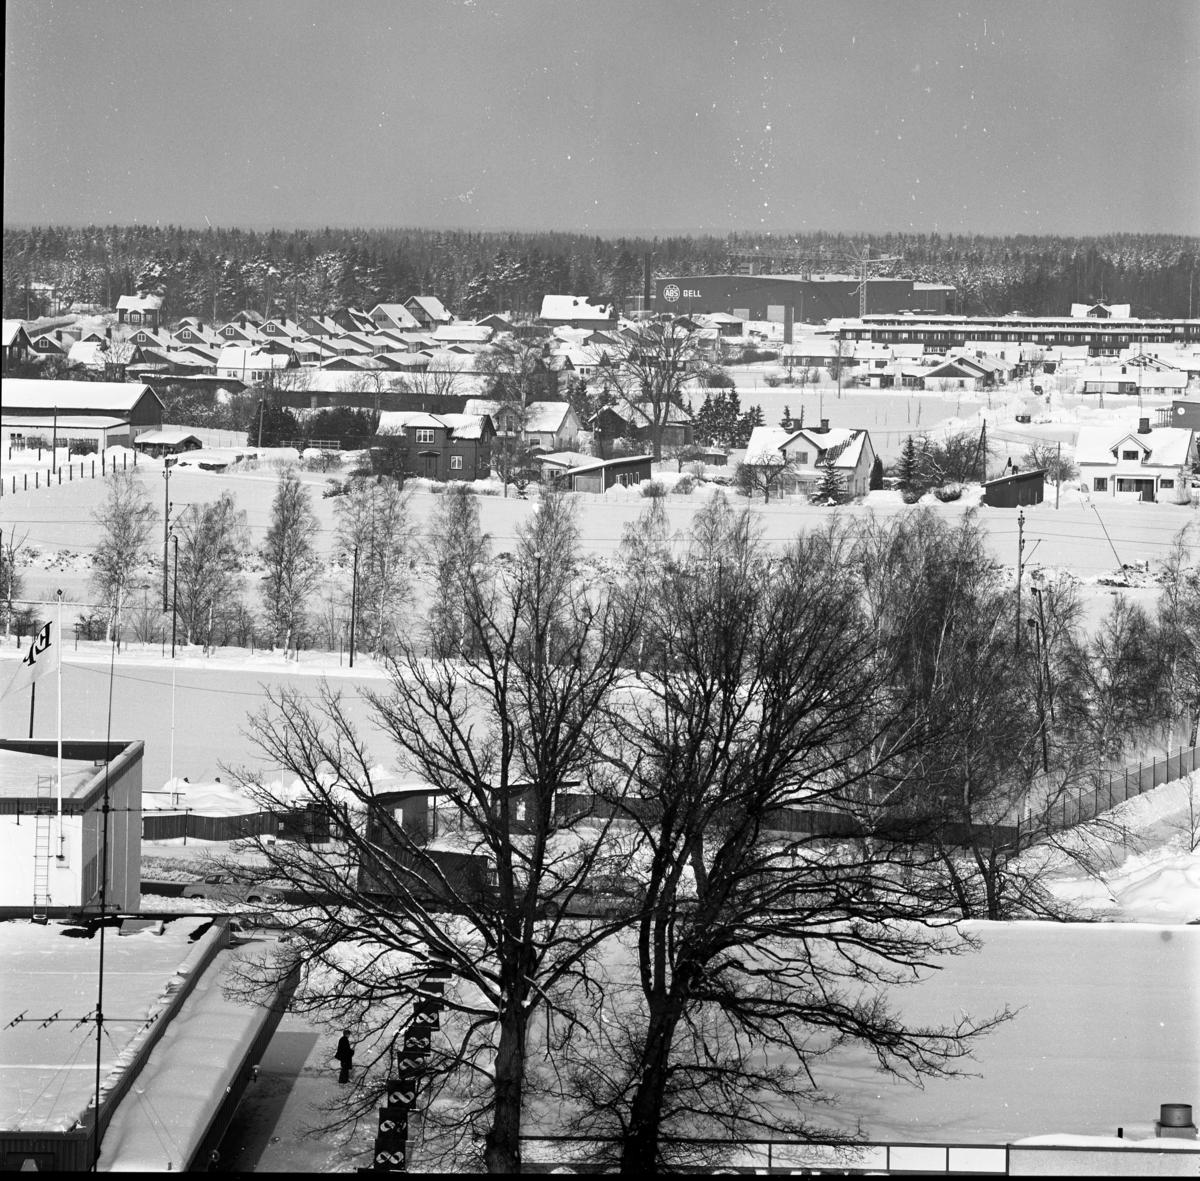 Sturevallen och Ladubacksgärdena sedda från Heliga Trefaldighetskyrkans torn. Norra skogen i bakgrunden. Bebyggelse vid Engelbrektsleden och senare byggda Fellingsbrovägen Det är vinter och snö. Vy mot norr.